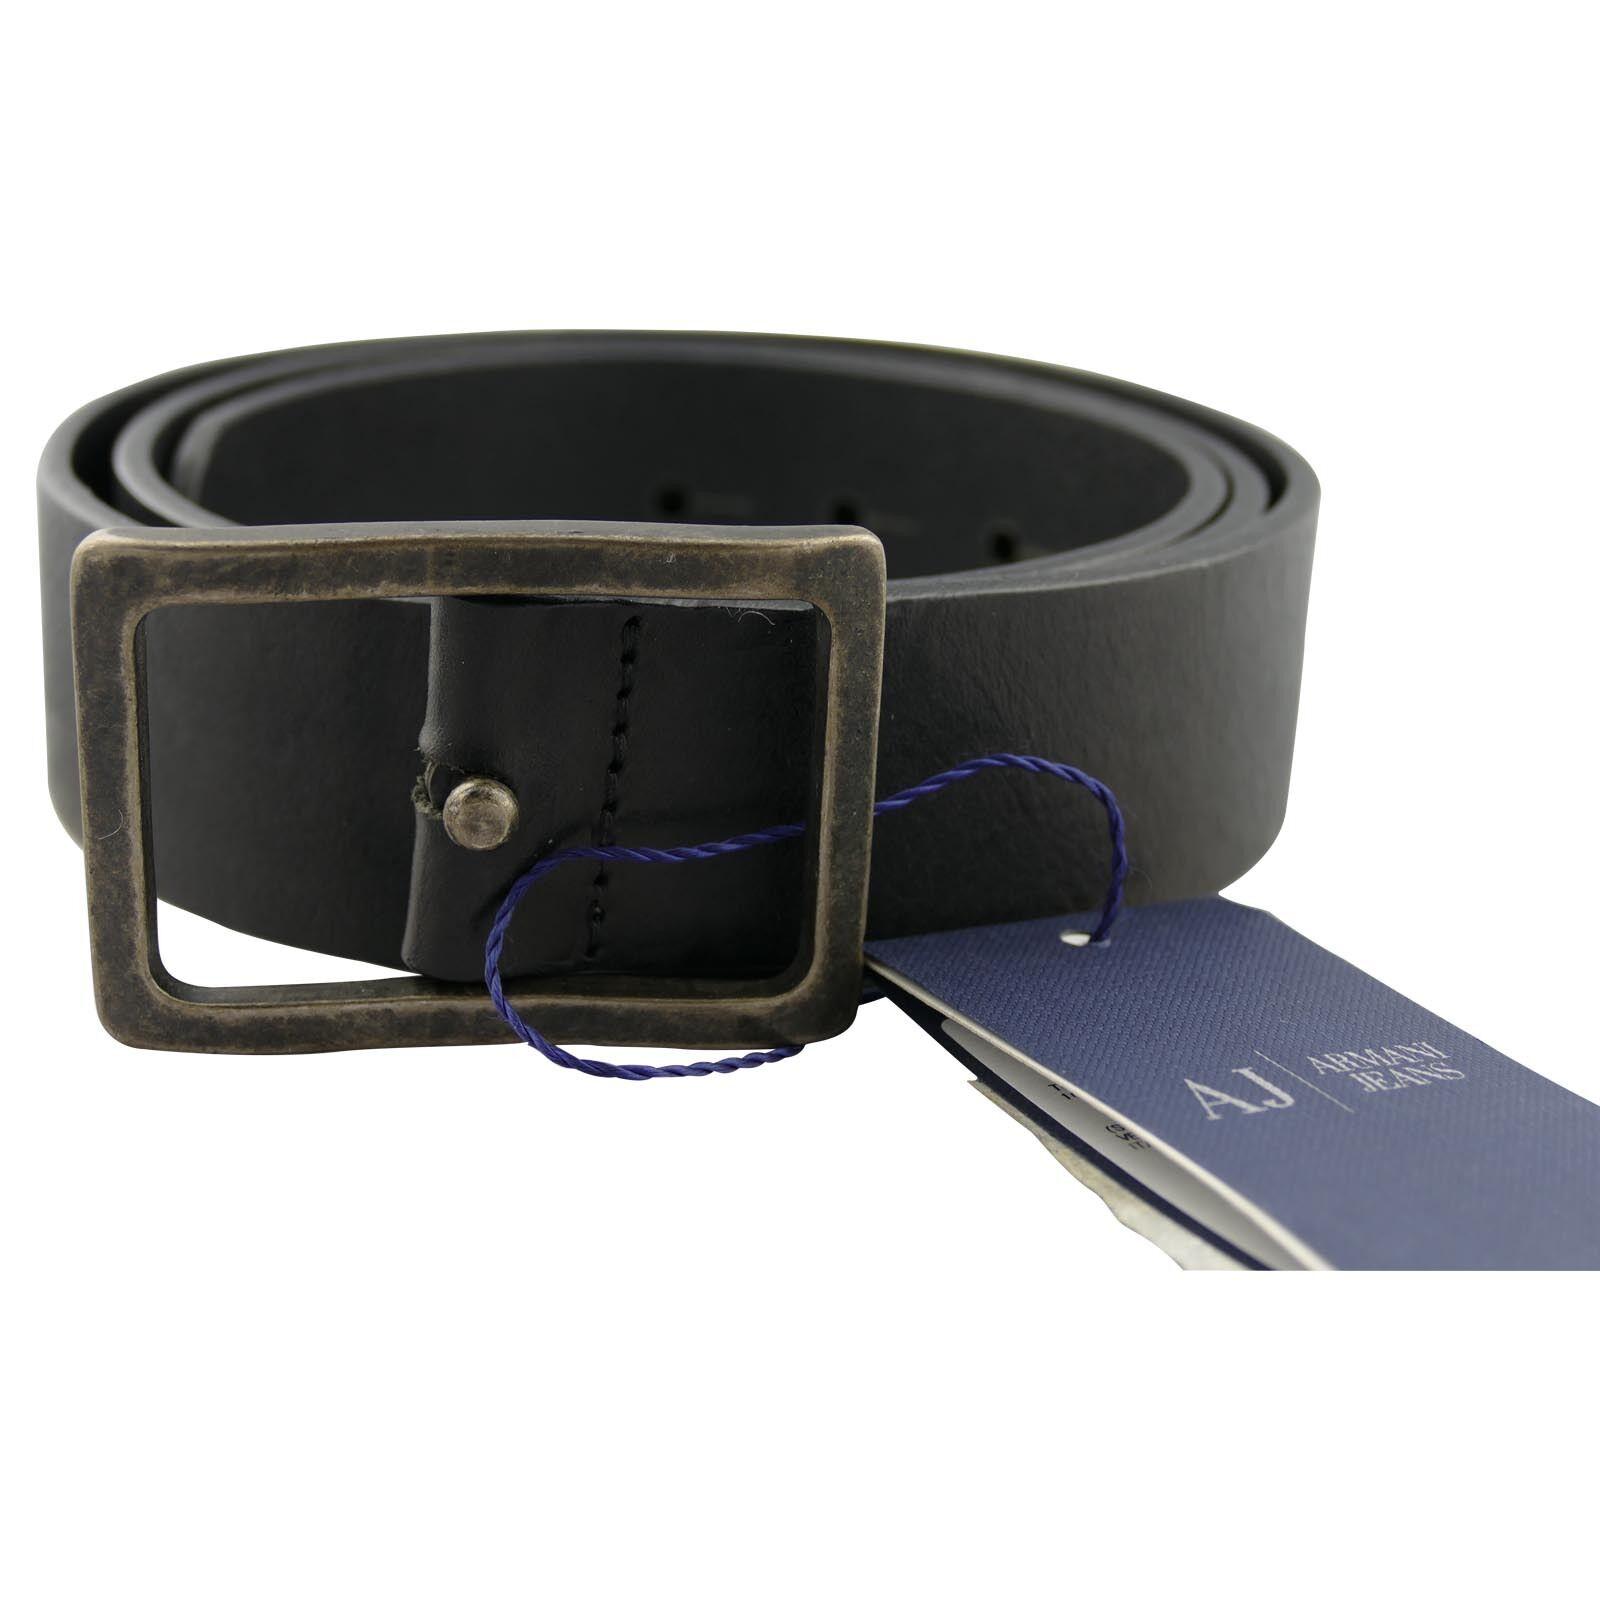 Armani Jeans Schwarz Ledergürtel Rechteckige Schnalle Retro Hergestellt IN Italy